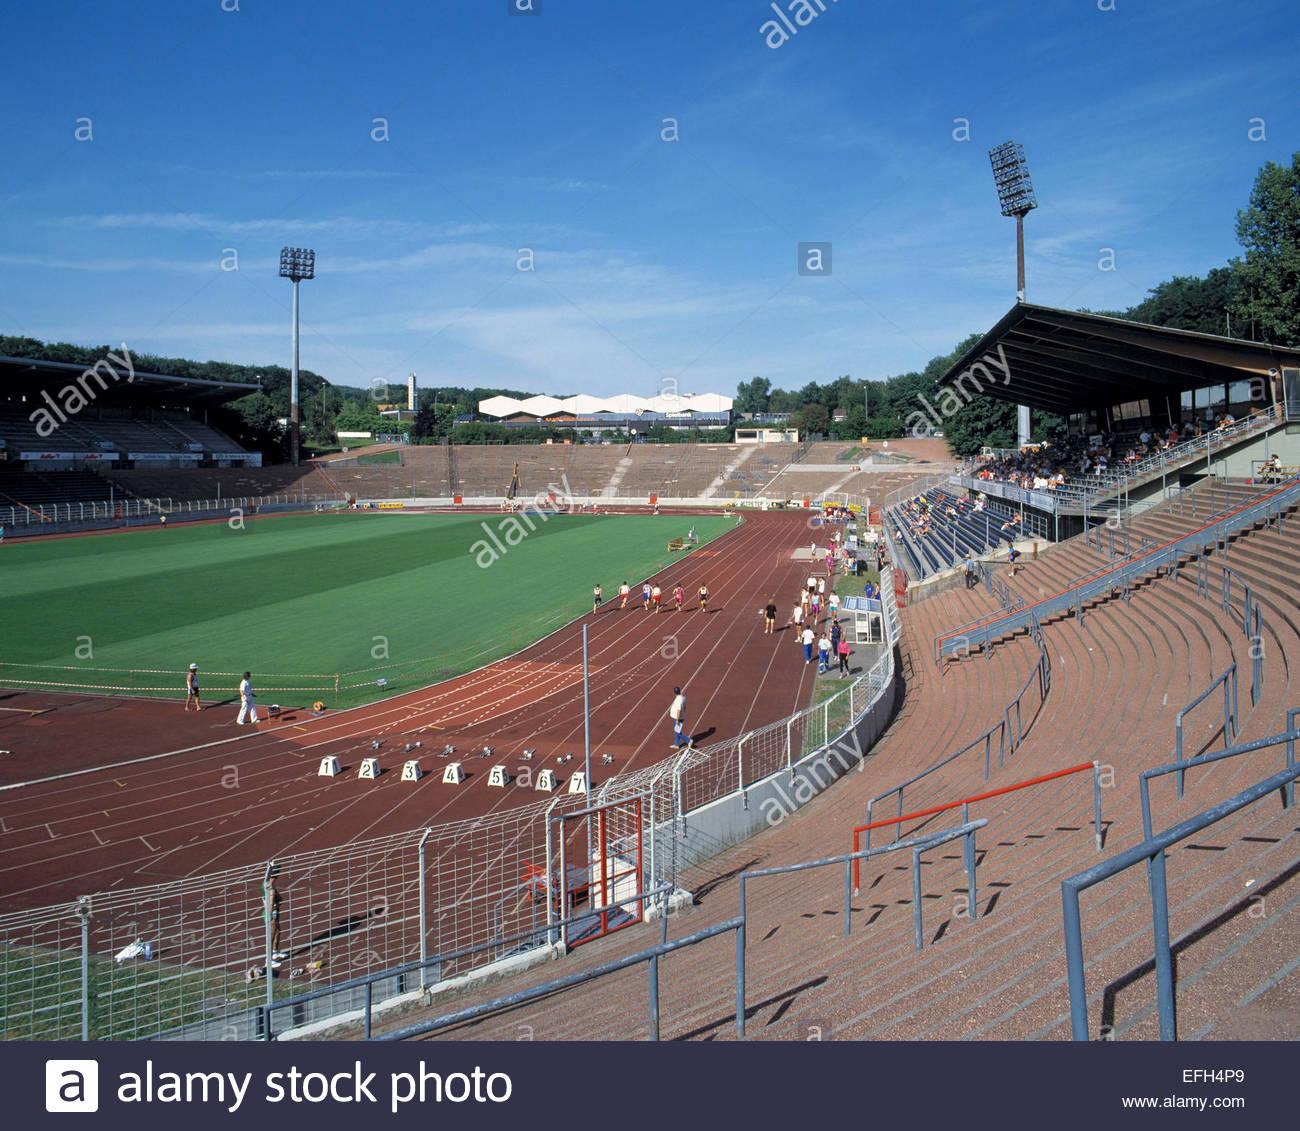 D-Saarbruecken, Saar, Saarland, Ludwigsparkstadion, Fussballstadion, Heimspielstaette des 1. FC Saarbruecken, Sportveranstaltung - Stock Image